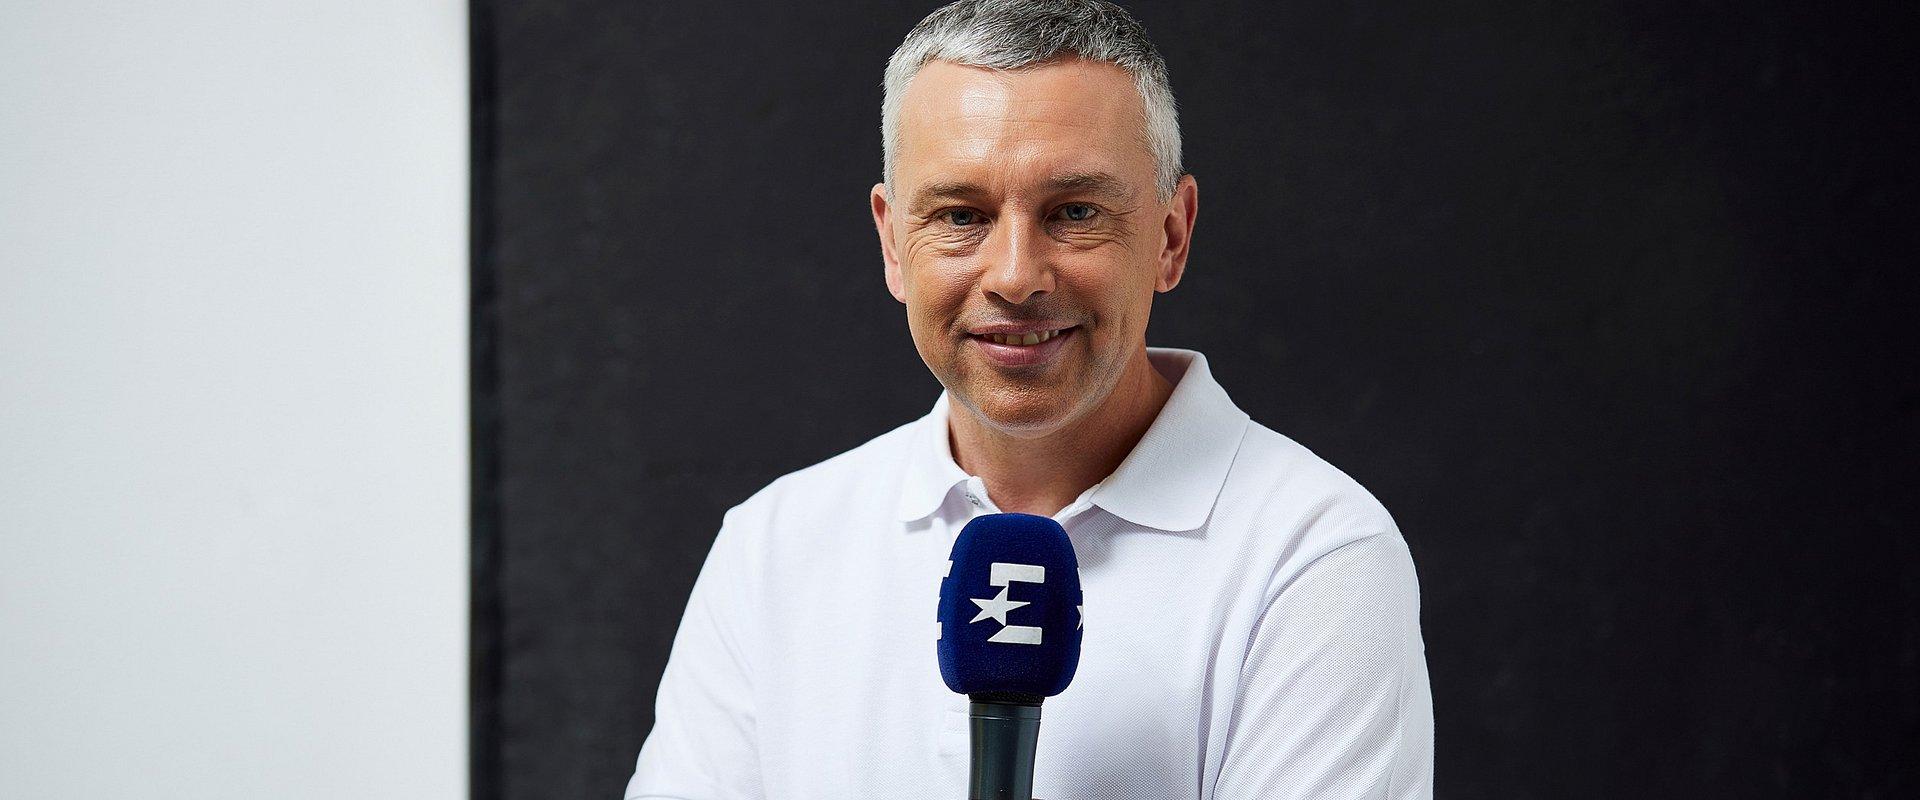 Tomasz Sikora na stałe dołącza do eksperckiego zespołu Eurosportu jako komentator biathlonu